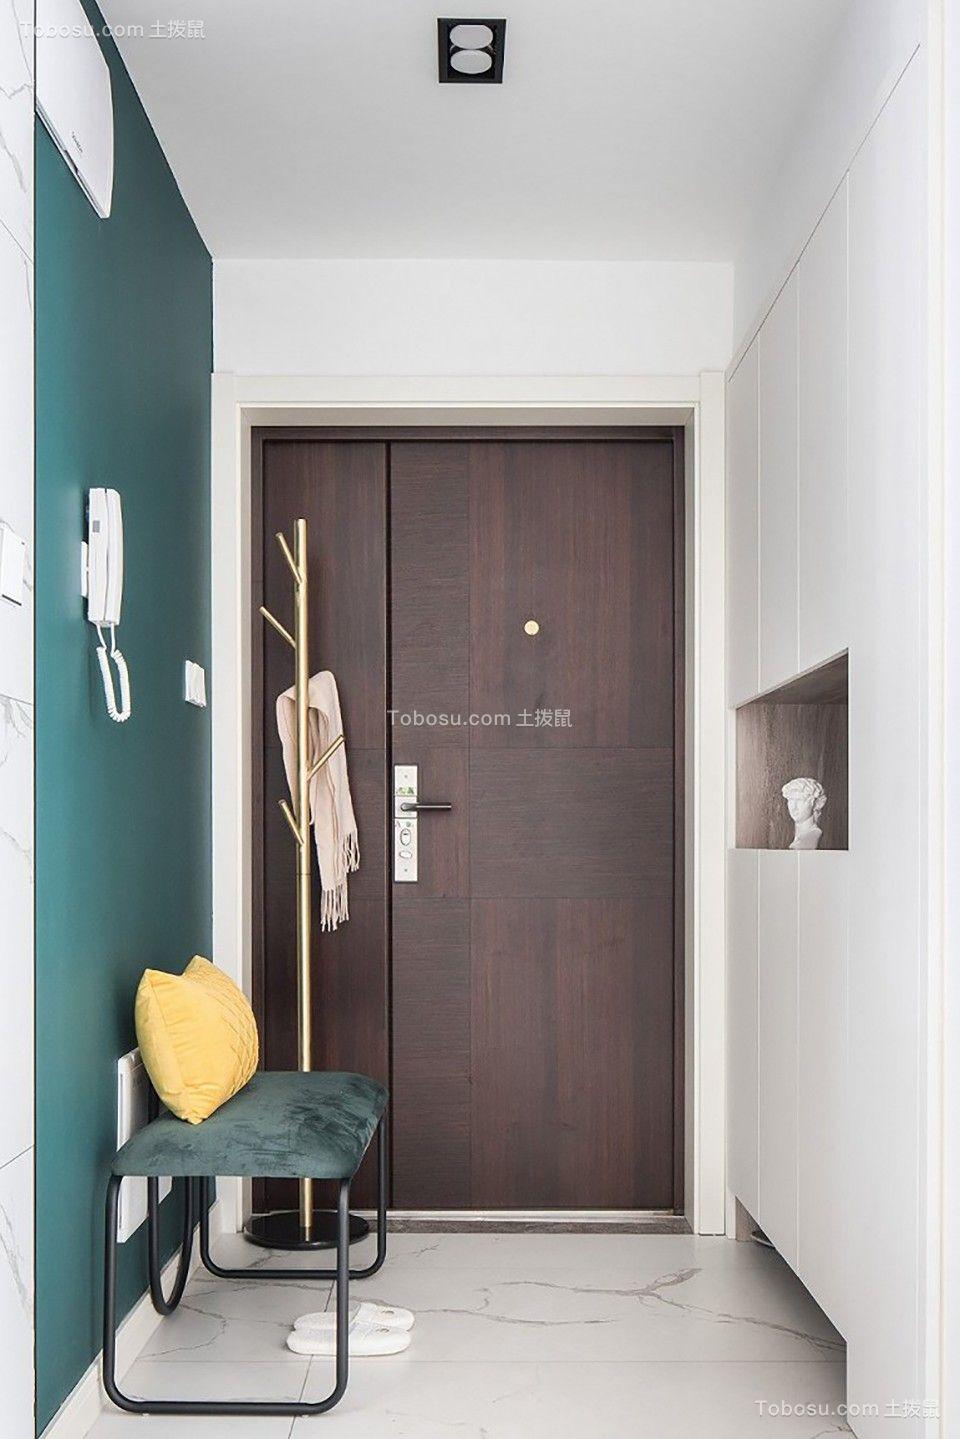 2019现代简约起居室装修设计 2019现代简约背景墙装修设计图片